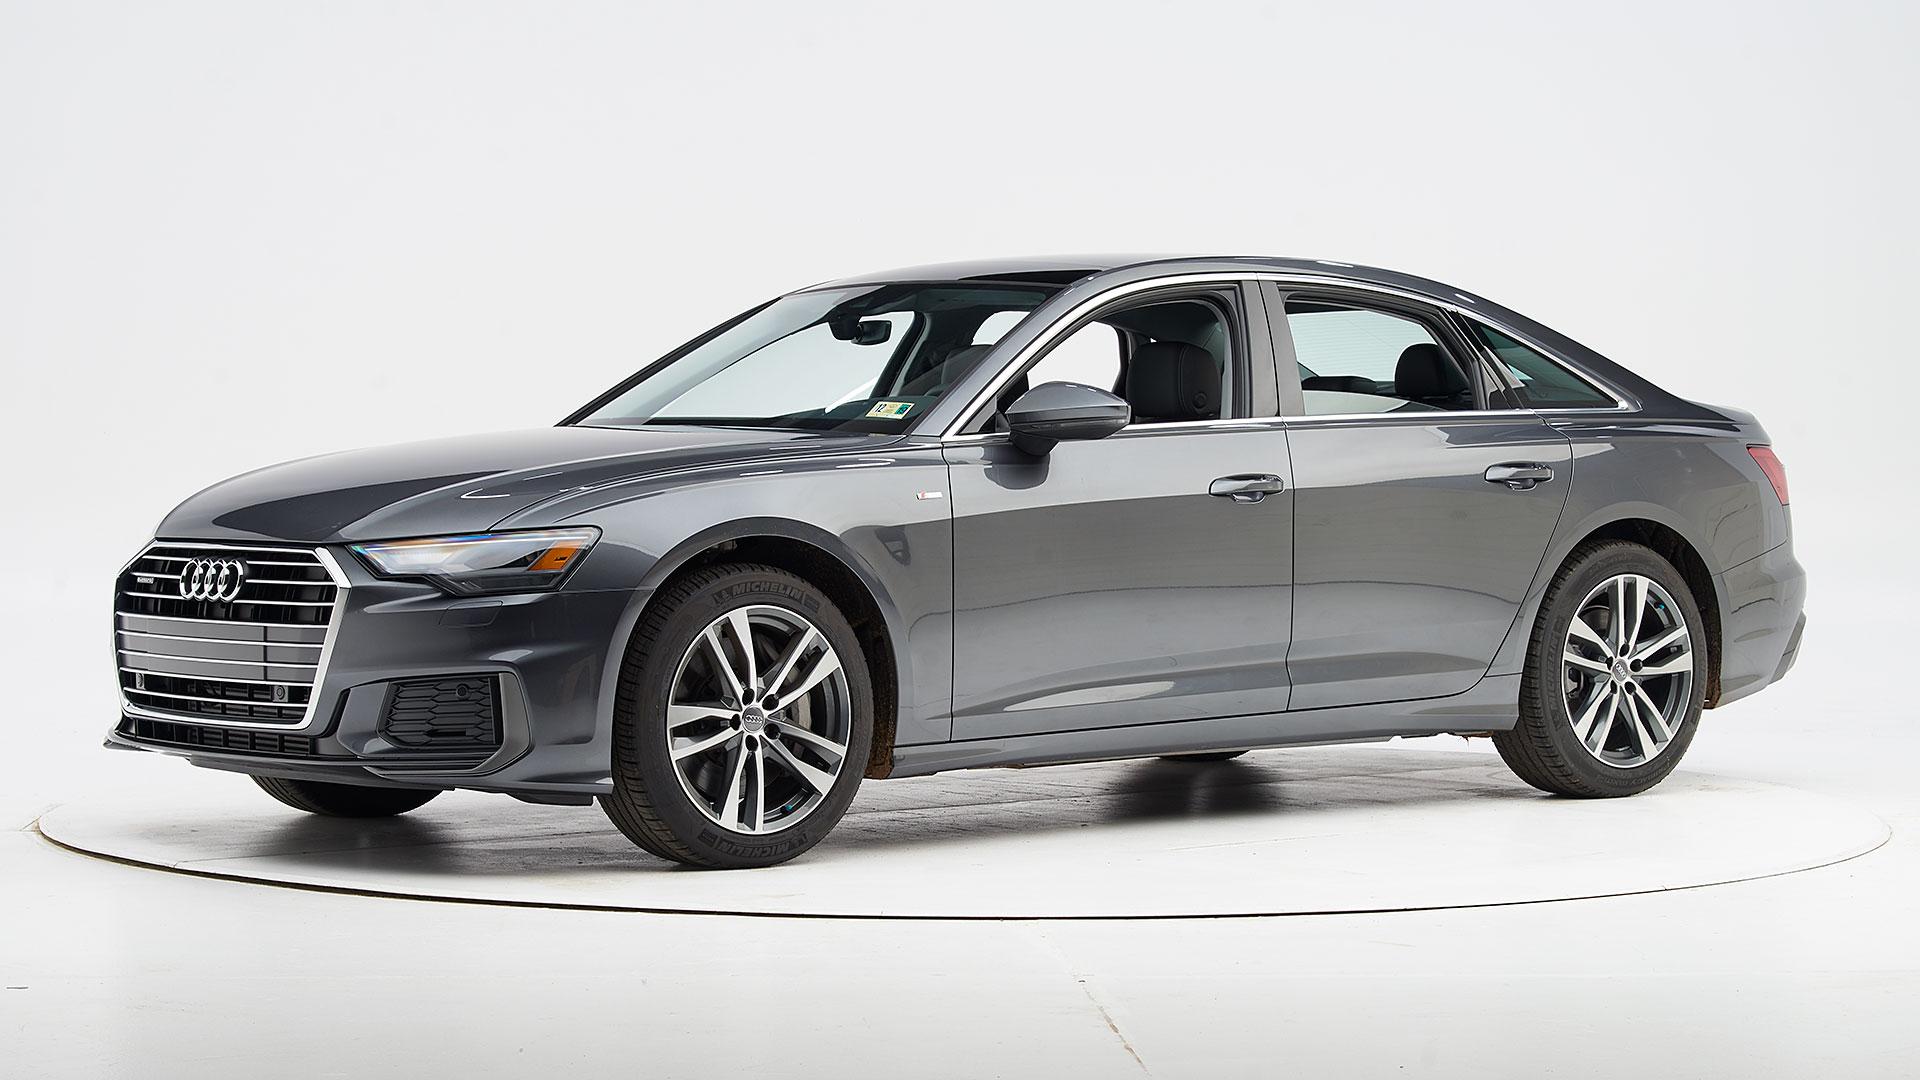 Kelebihan Kekurangan Audi 4 Review